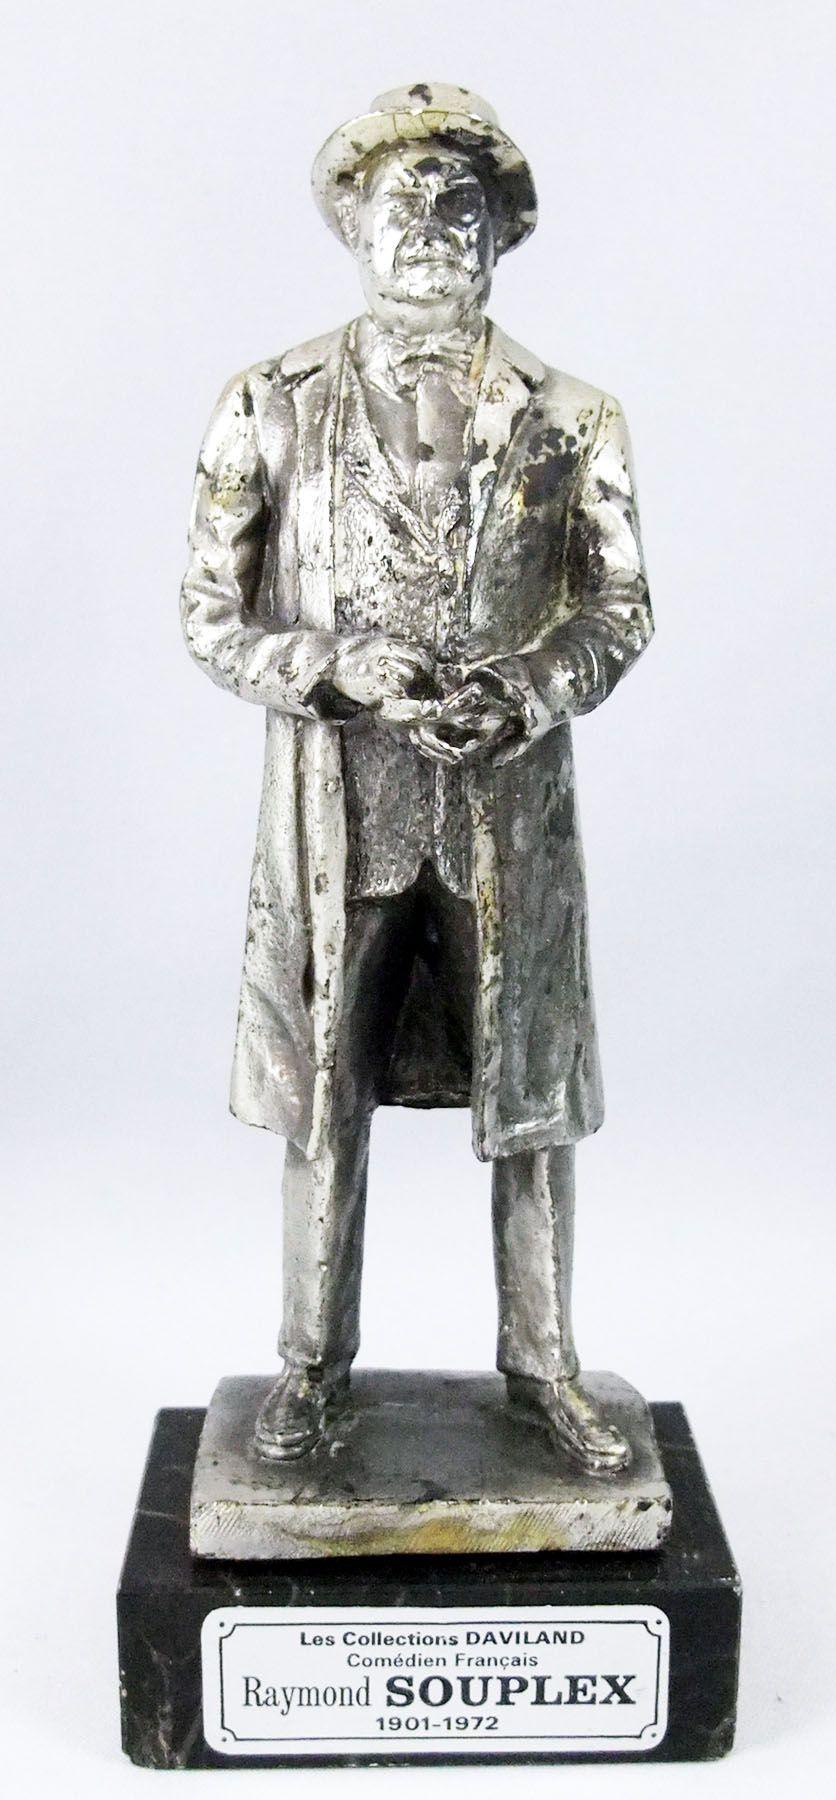 Raymond Souplex (Inspecteur Bourrel - Les Cinq Dernières Minutes) - Statue en métal injecté 16cm - Daviland France 1978